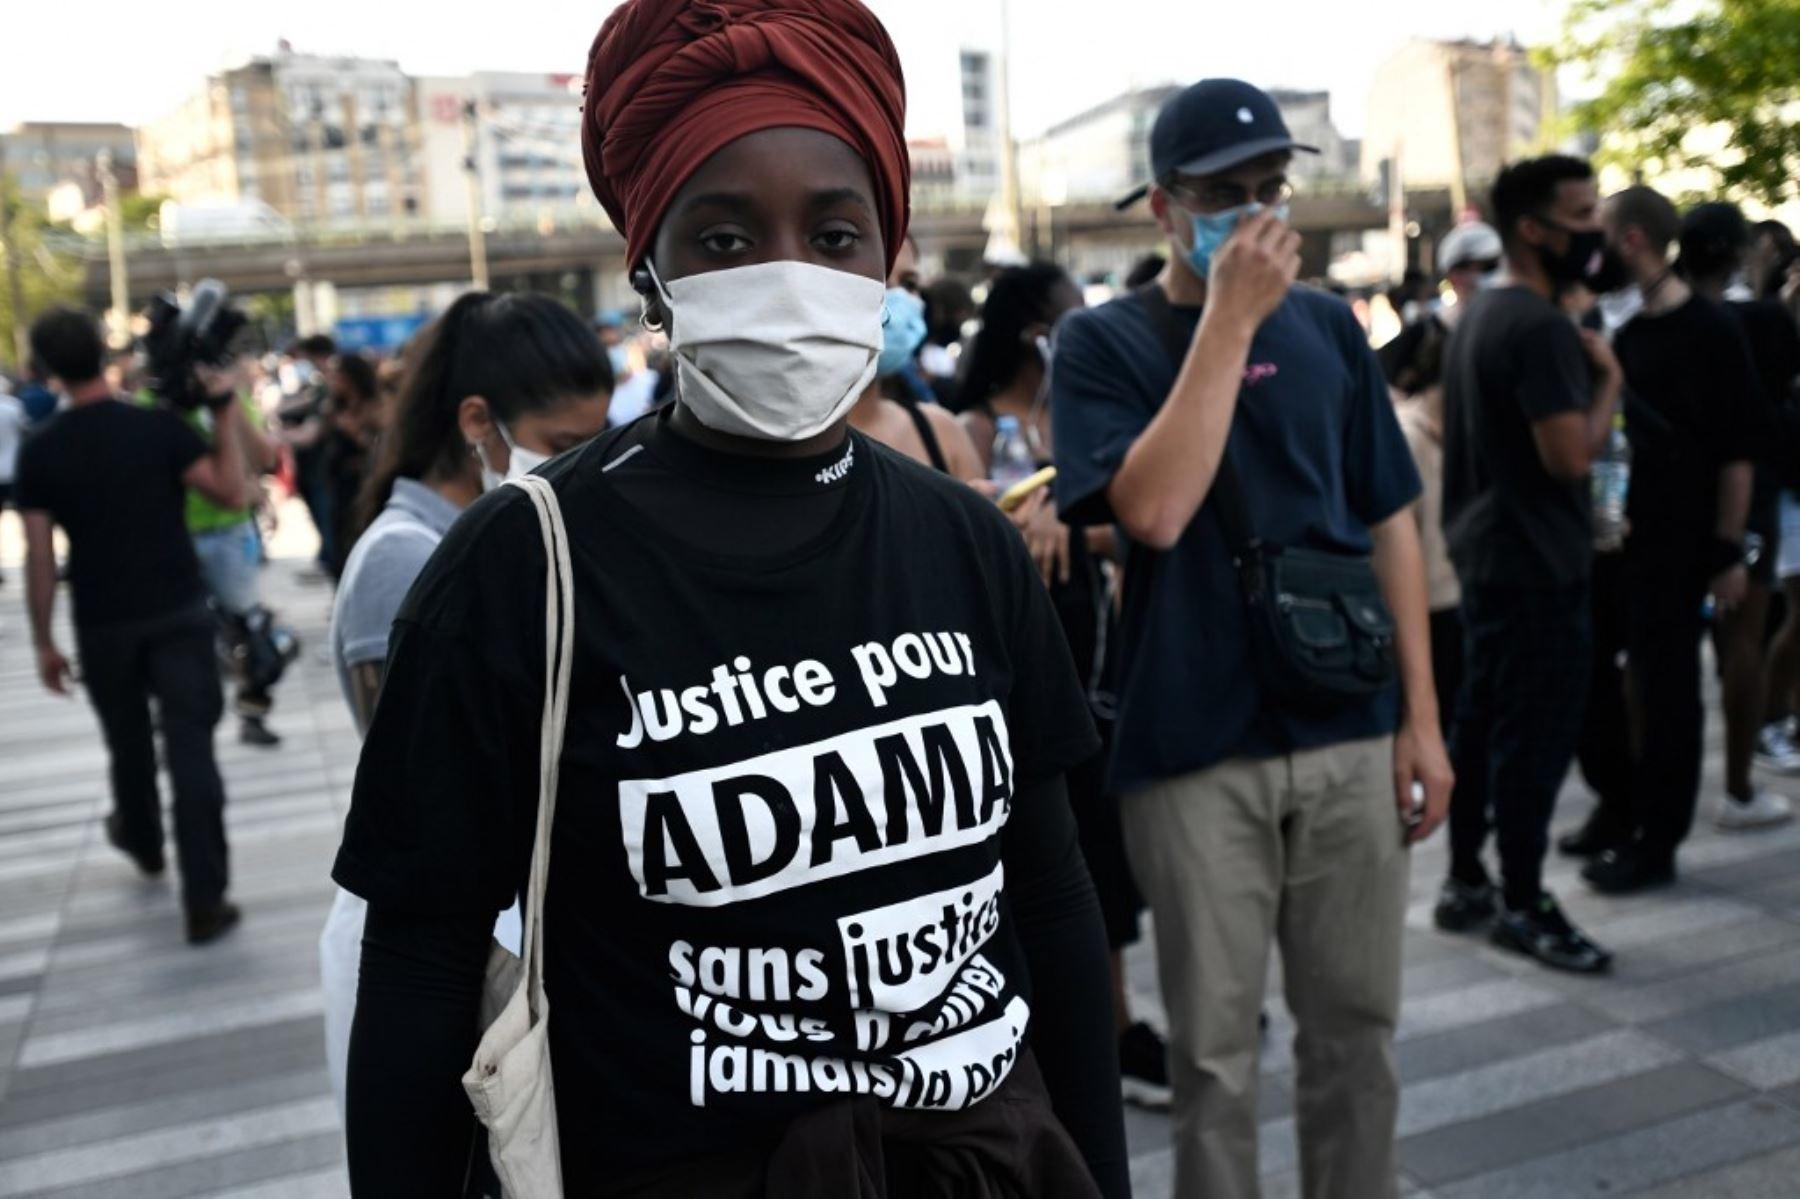 """Los manifestantes fueron convocados para la manifestación, luego de que médicos expertos franceses exoneraron a los gendarmes involucrados en el arresto de Adama Traore, un joven negro que murió bajo custodia policial en 2016, frente al """"Tribunal de París"""". Foto: AFP"""